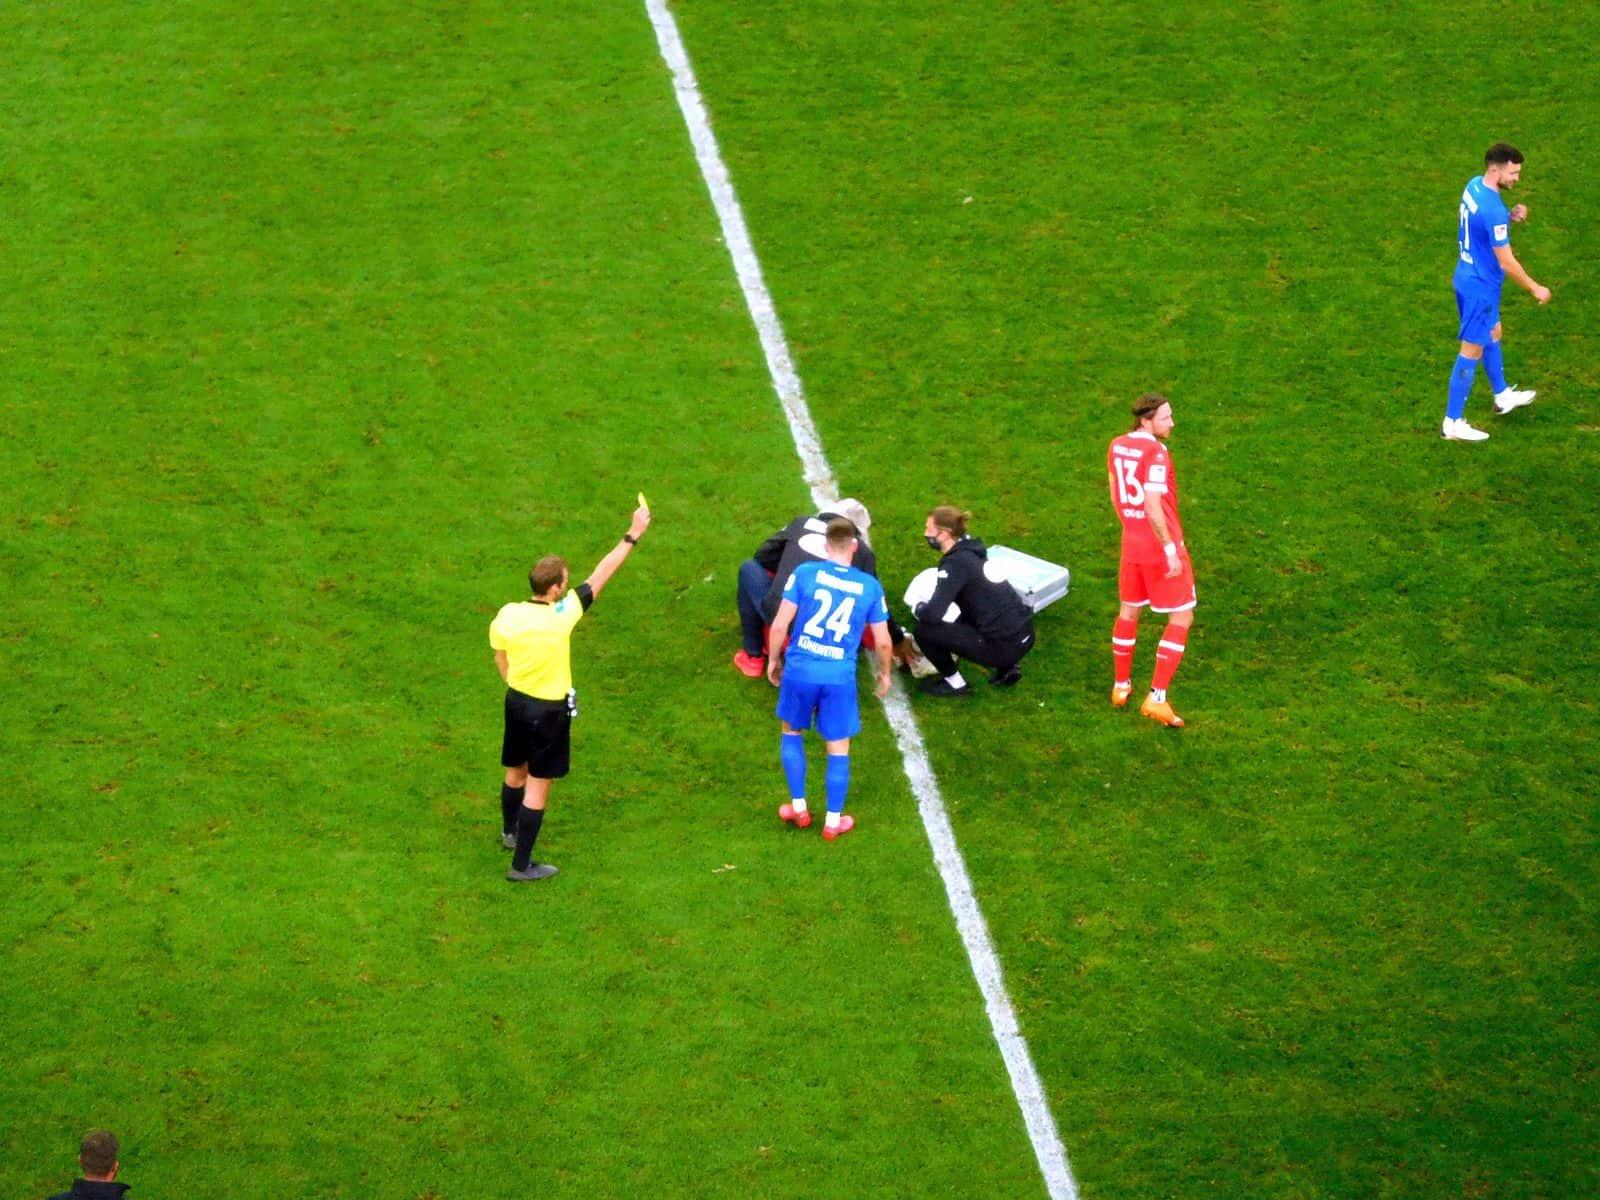 F96 vs HDH: Gelb für Blau (Foto: TD)